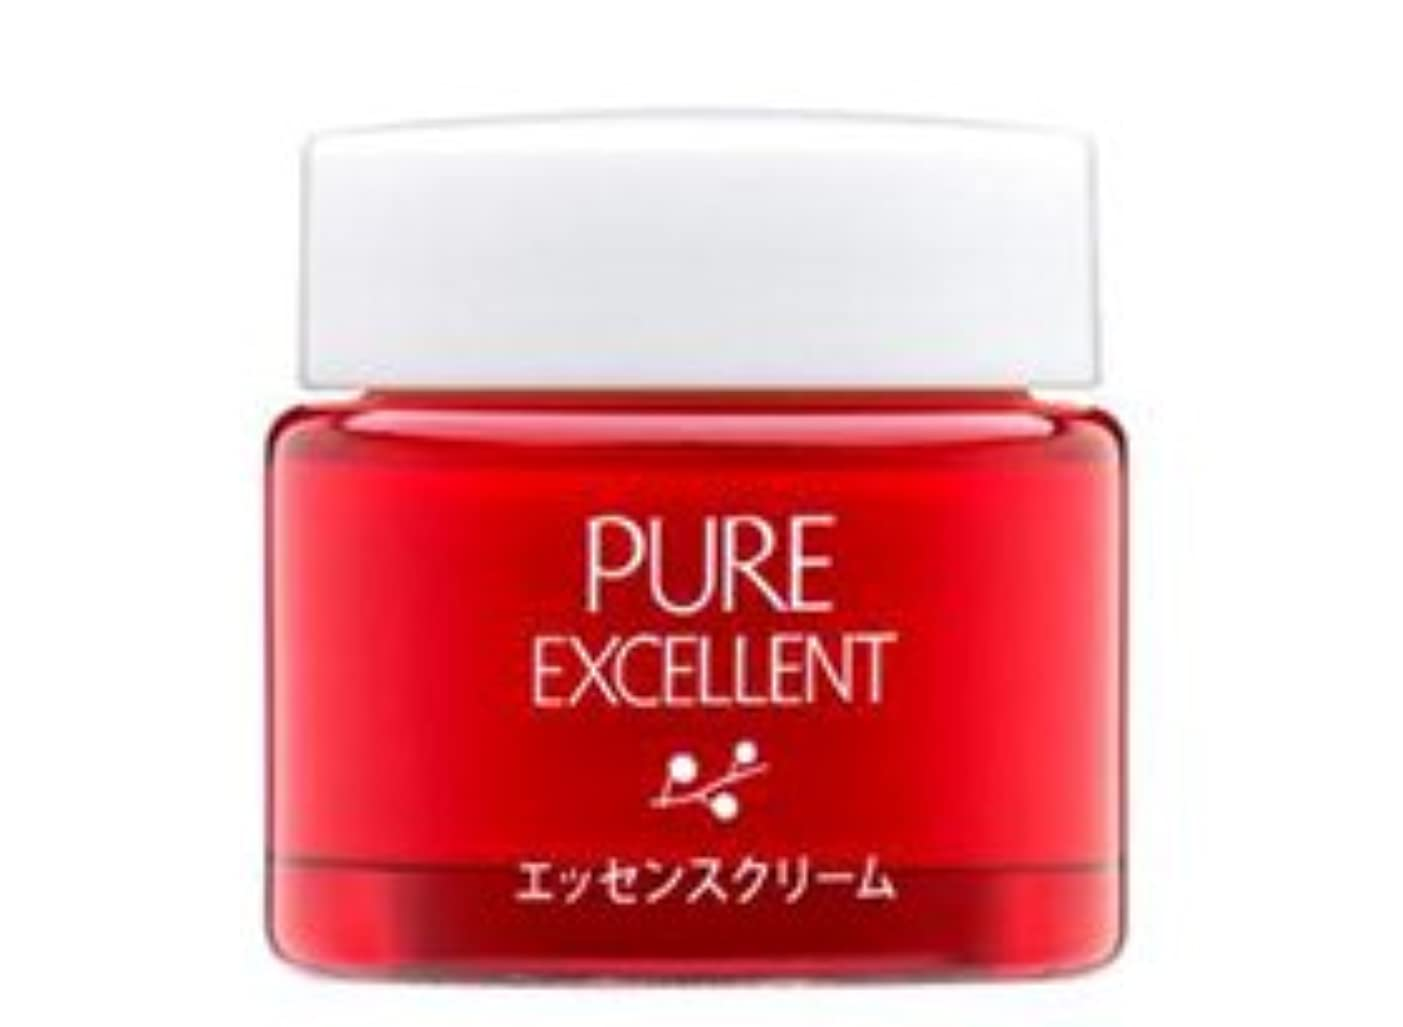 のり含む電話に出るハイム化粧品/エッセンスクリーム【ピュアエクセレントG】